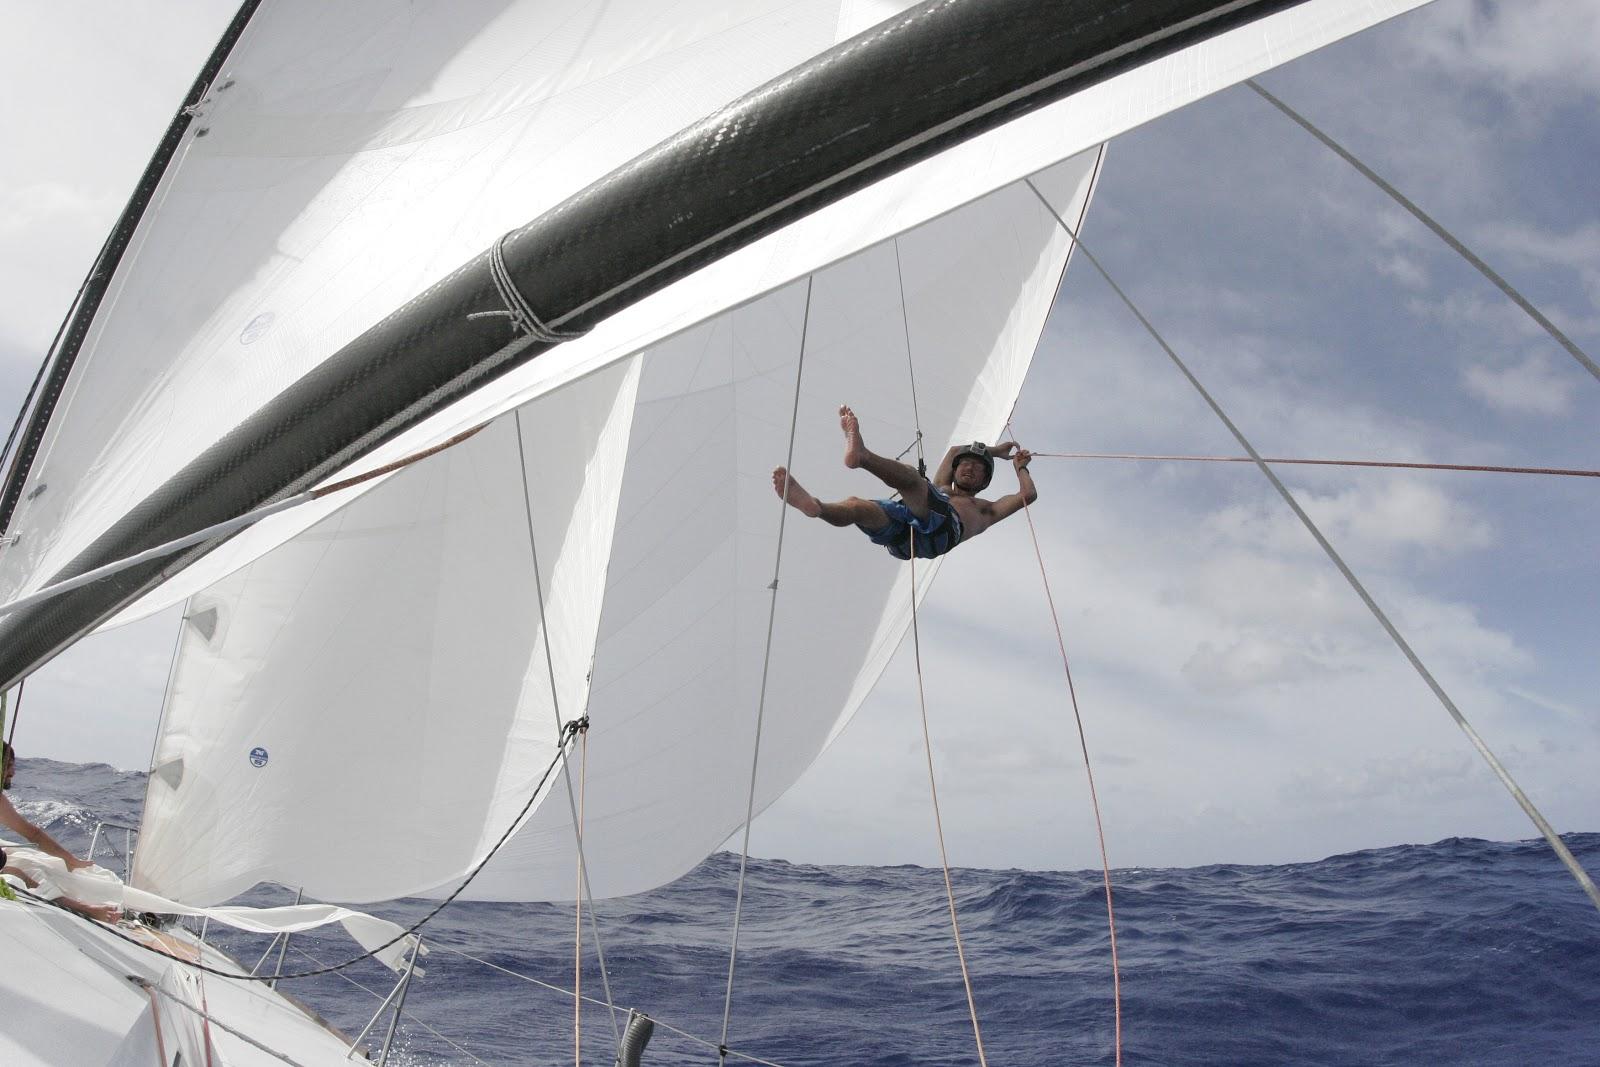 V  aquita  mid-Atlantic in 2011